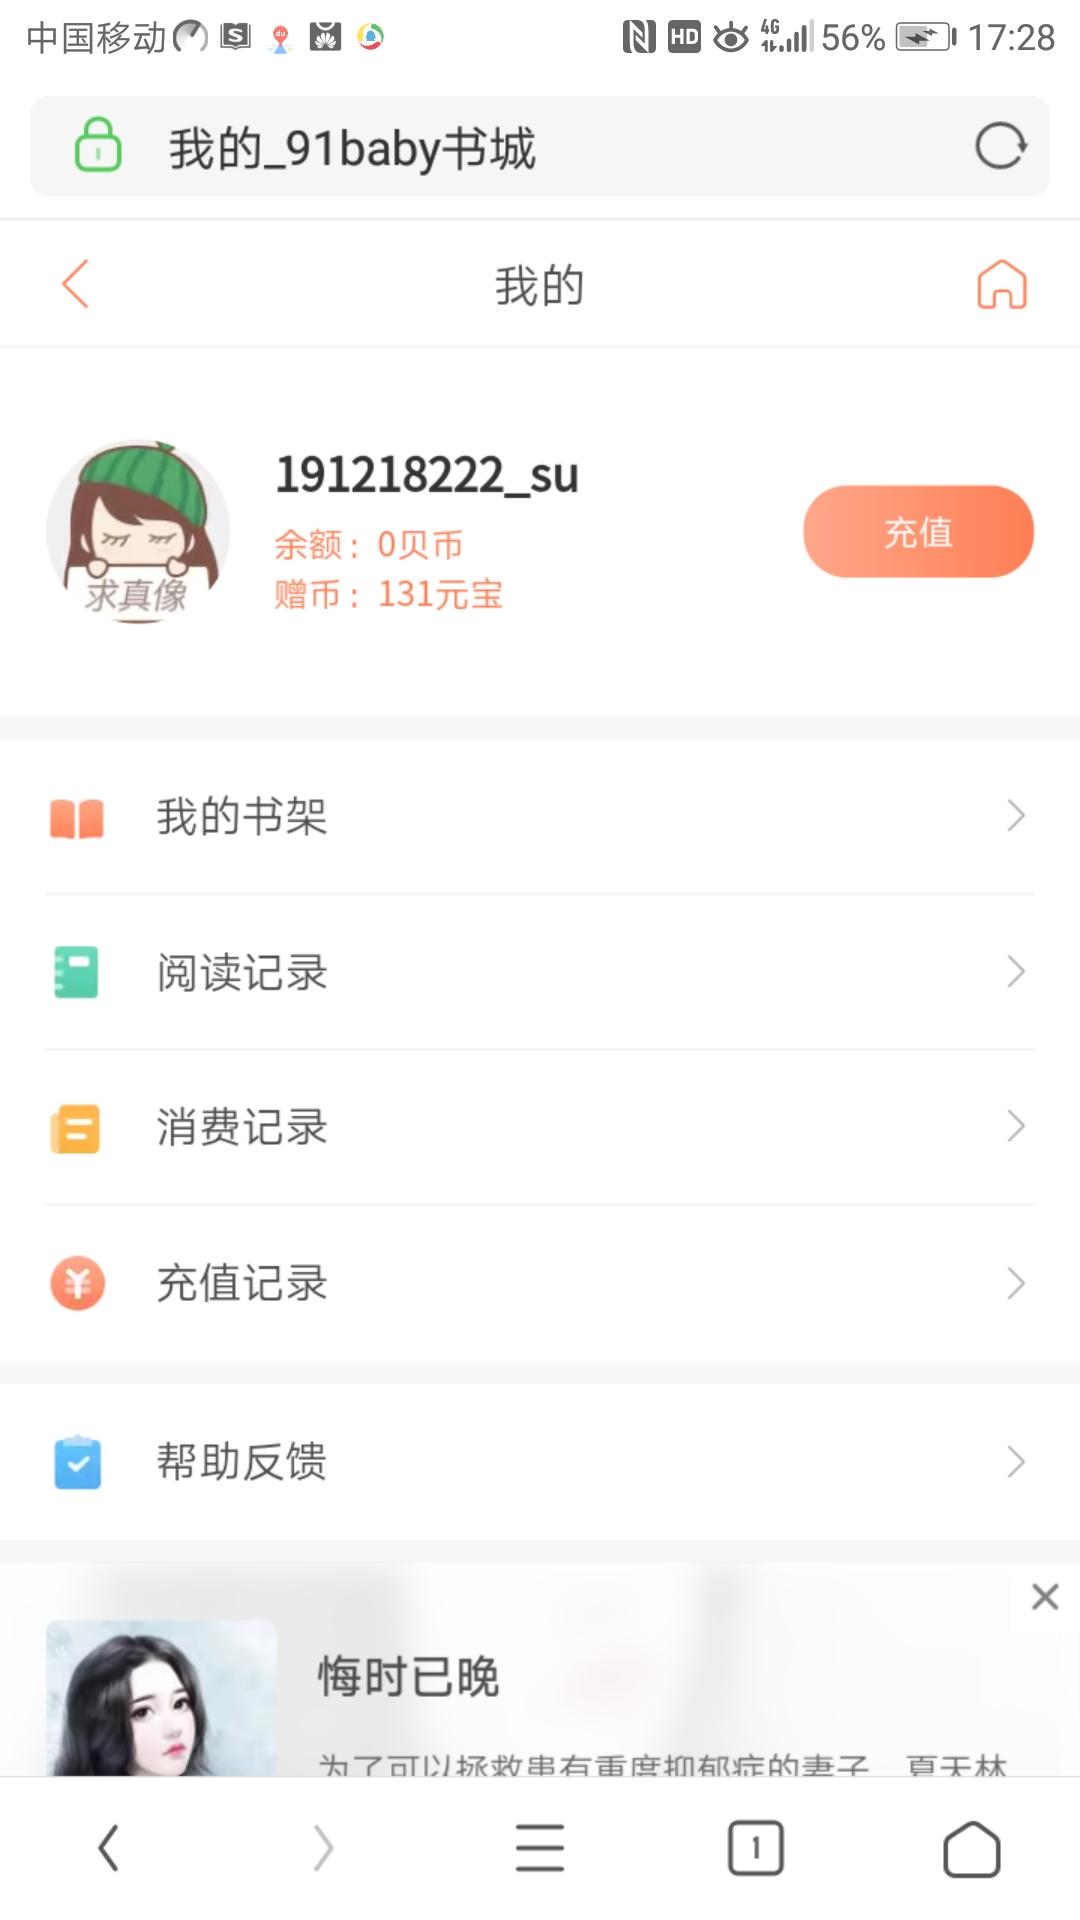 Screenshot_20181225-172836.jpg